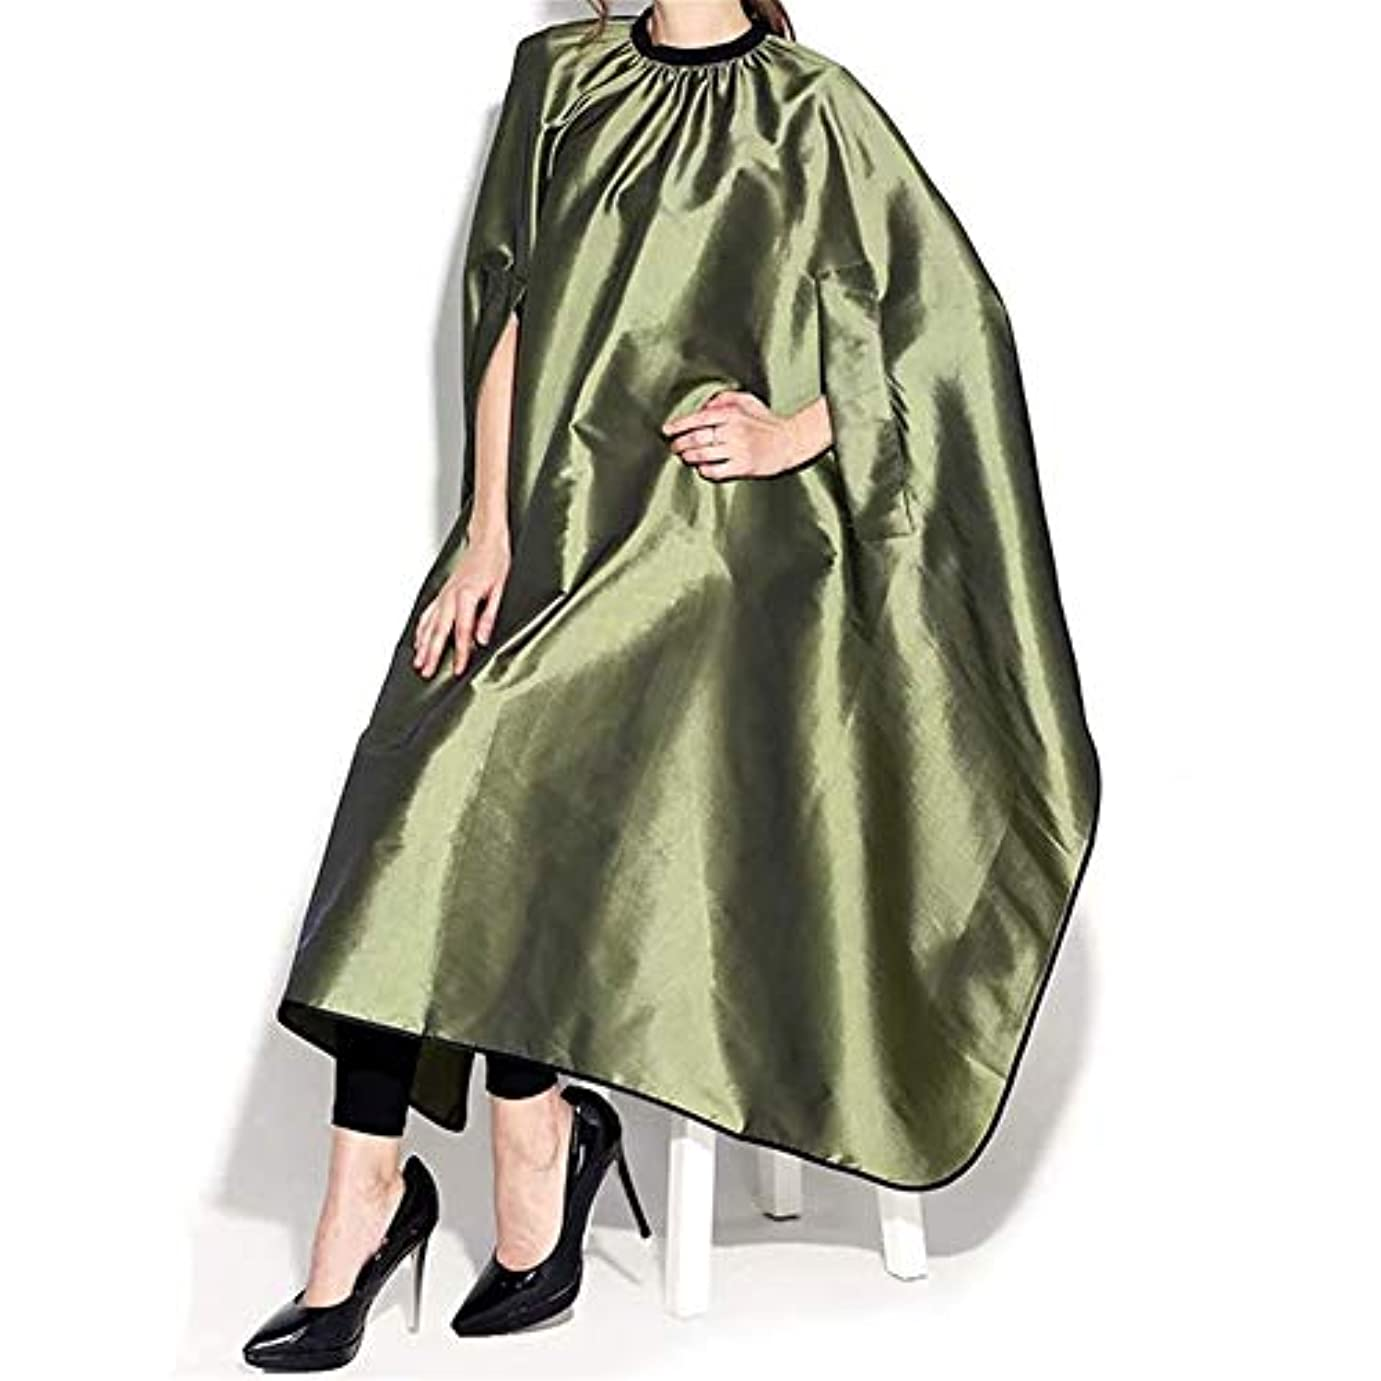 ターミナル微視的道徳教育HIZLJJ 理髪理髪ガウン防水サロンケープ散髪エプロン髪カット染めスタイリング布 (Color : Green)